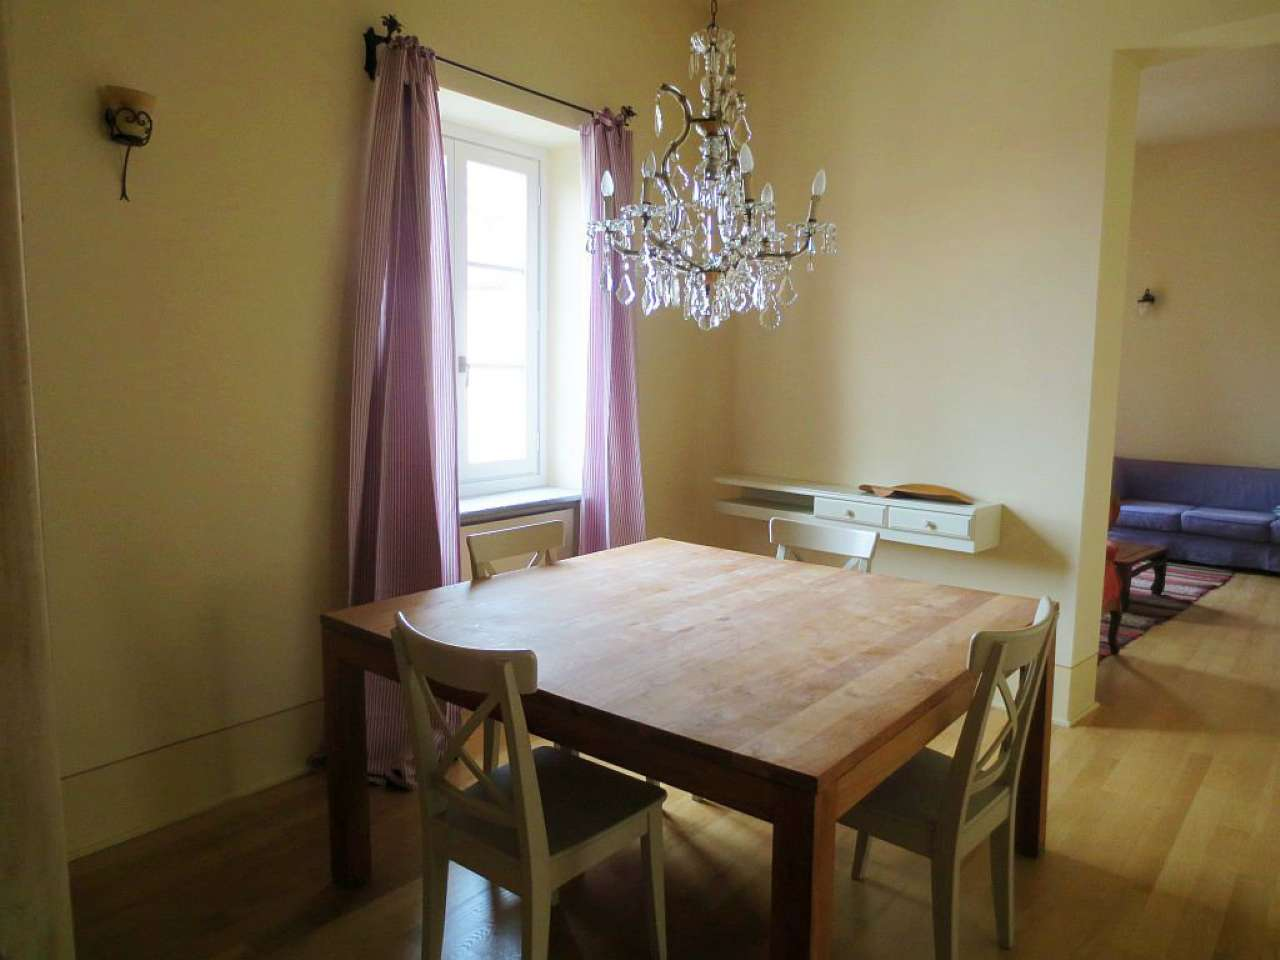 Appartamento in affitto a Moncalieri, 3 locali, prezzo € 1.100 | CambioCasa.it